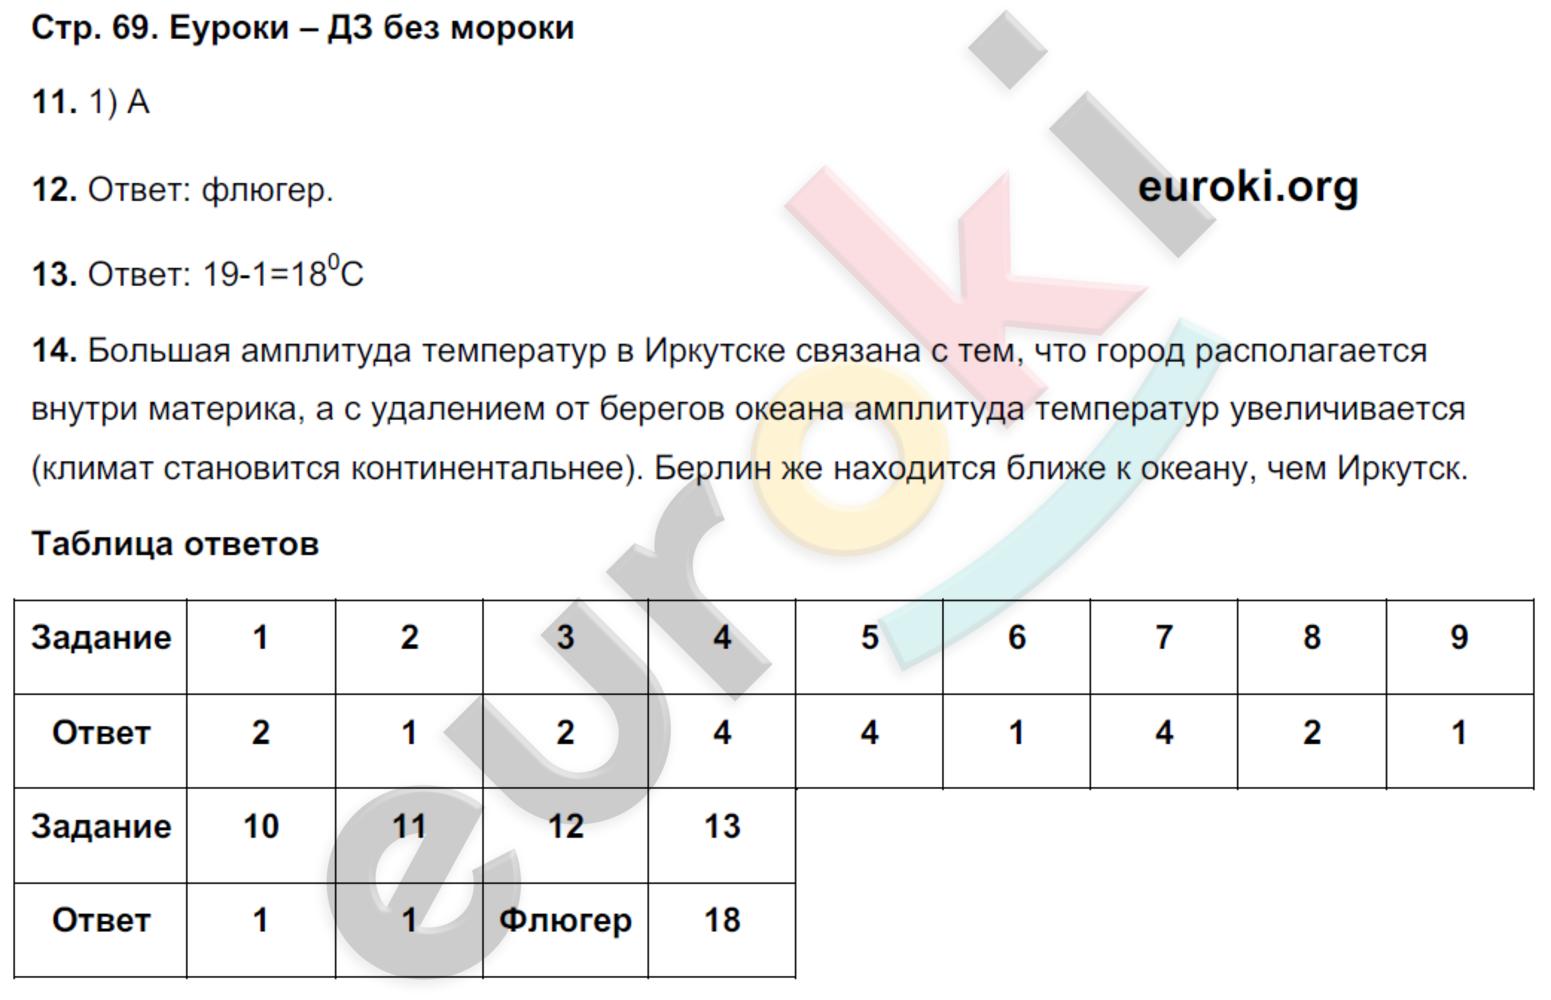 ГДЗ по географии 5 класс тетрадь экзаменатор Барабанов. Задание: стр. 69